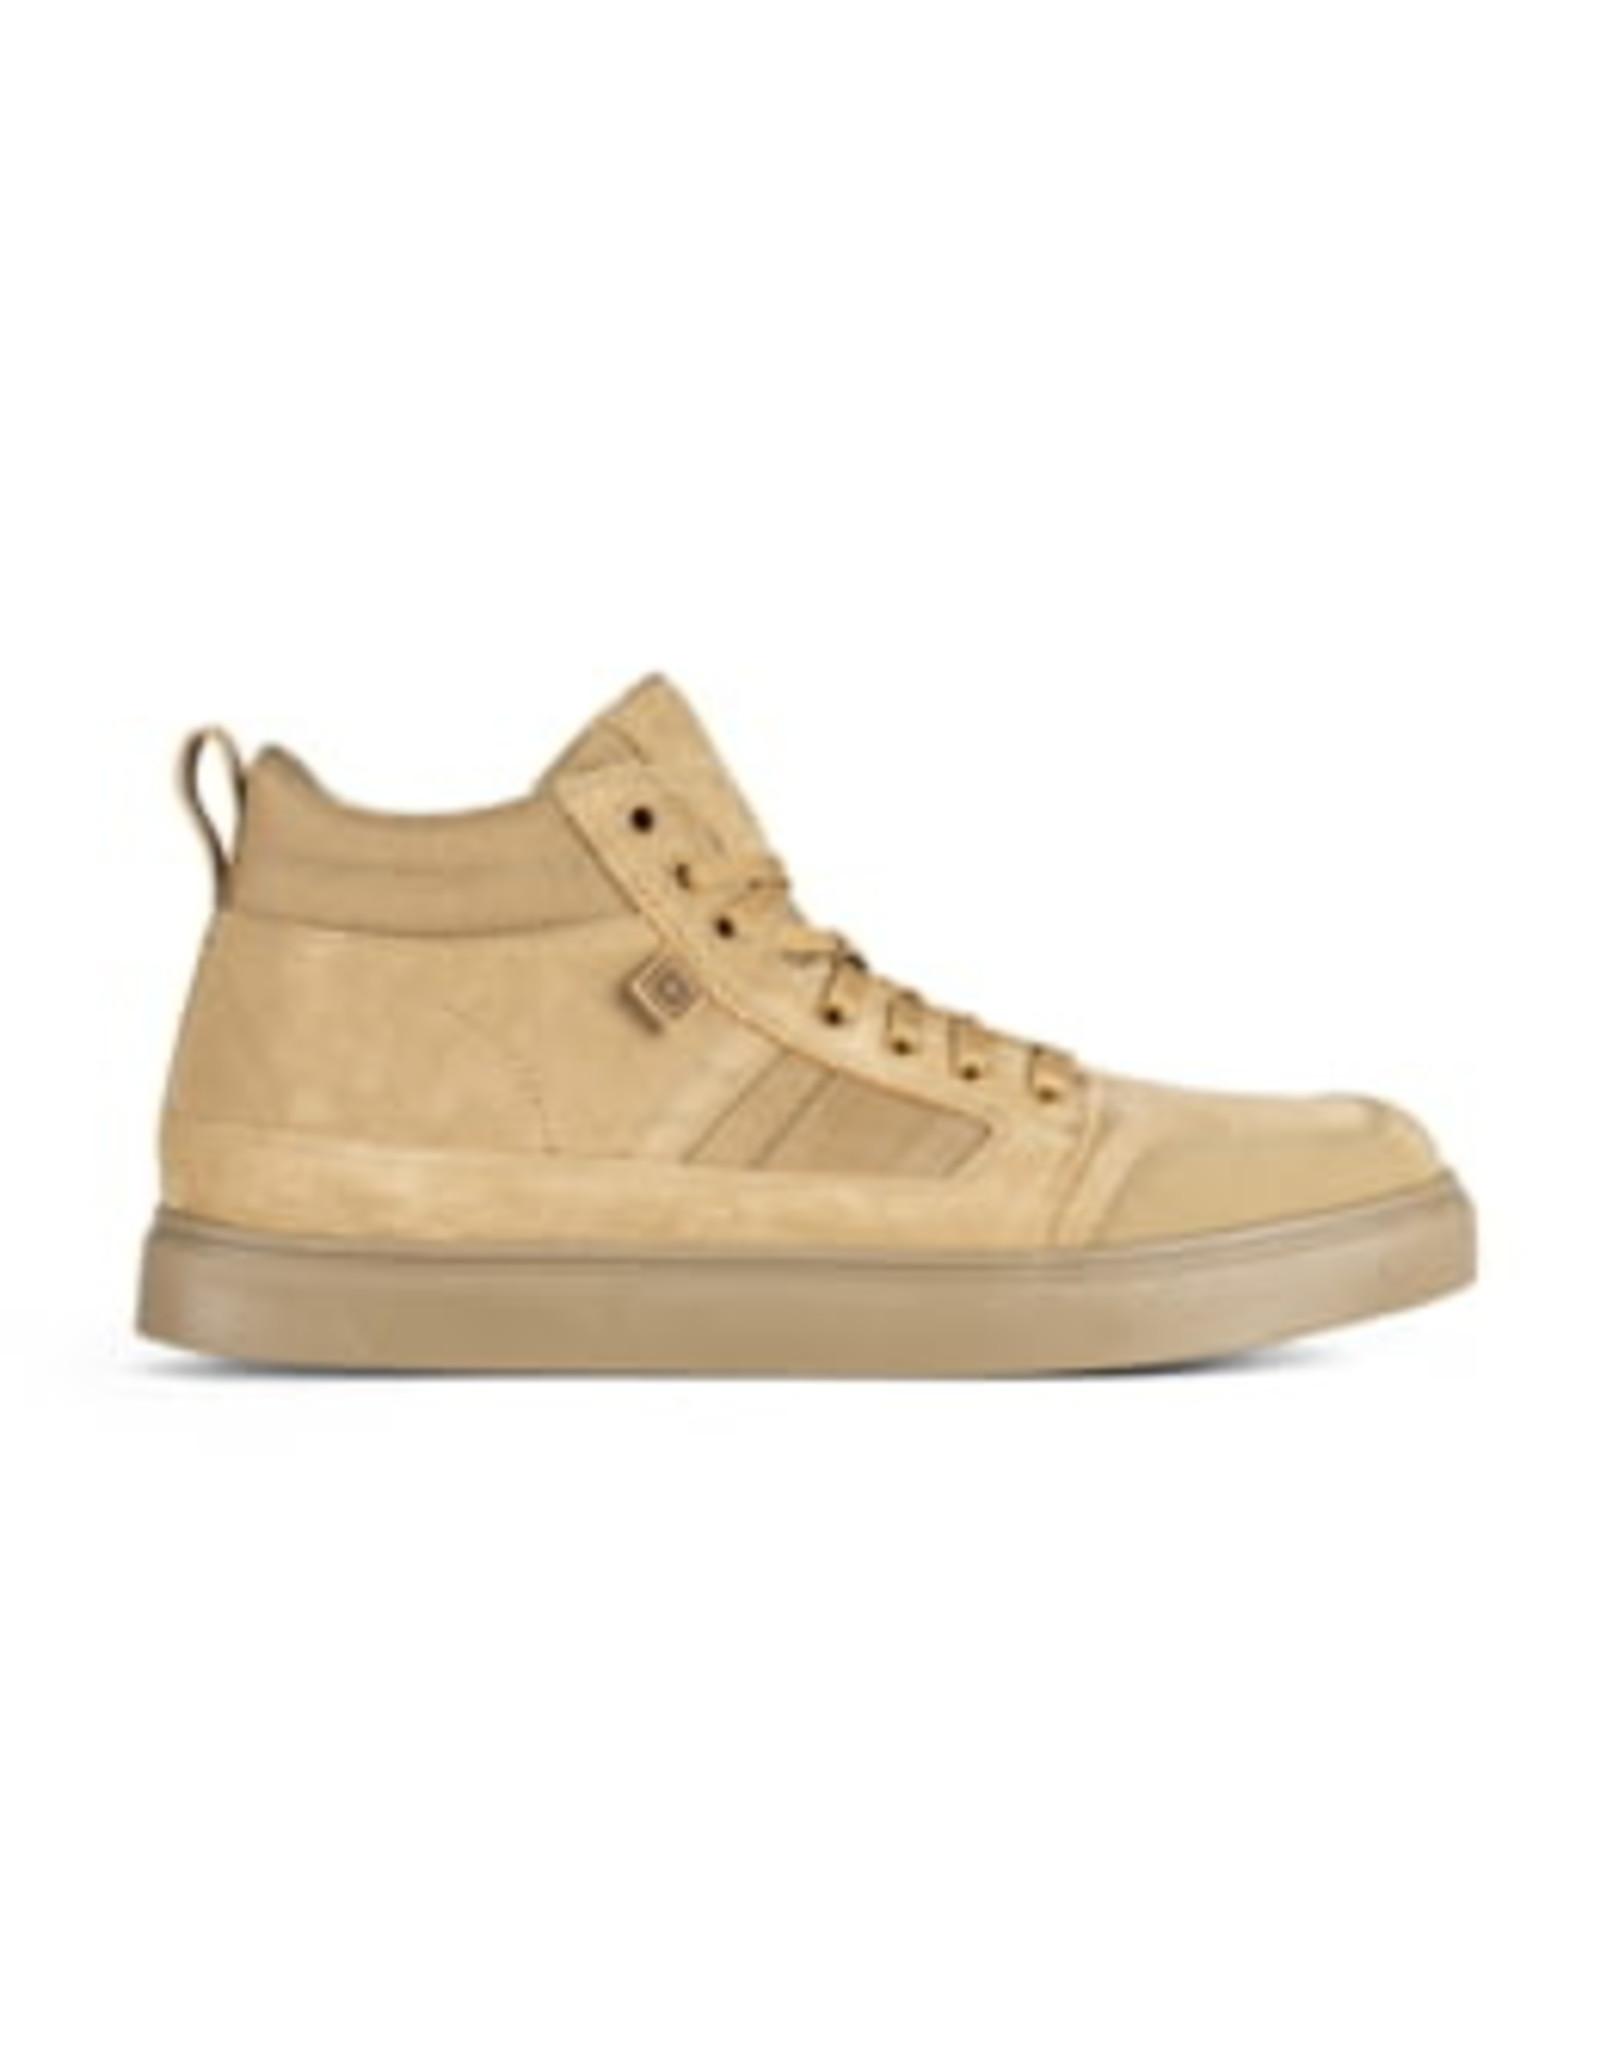 5.11 5.11 NORRIS sneaker